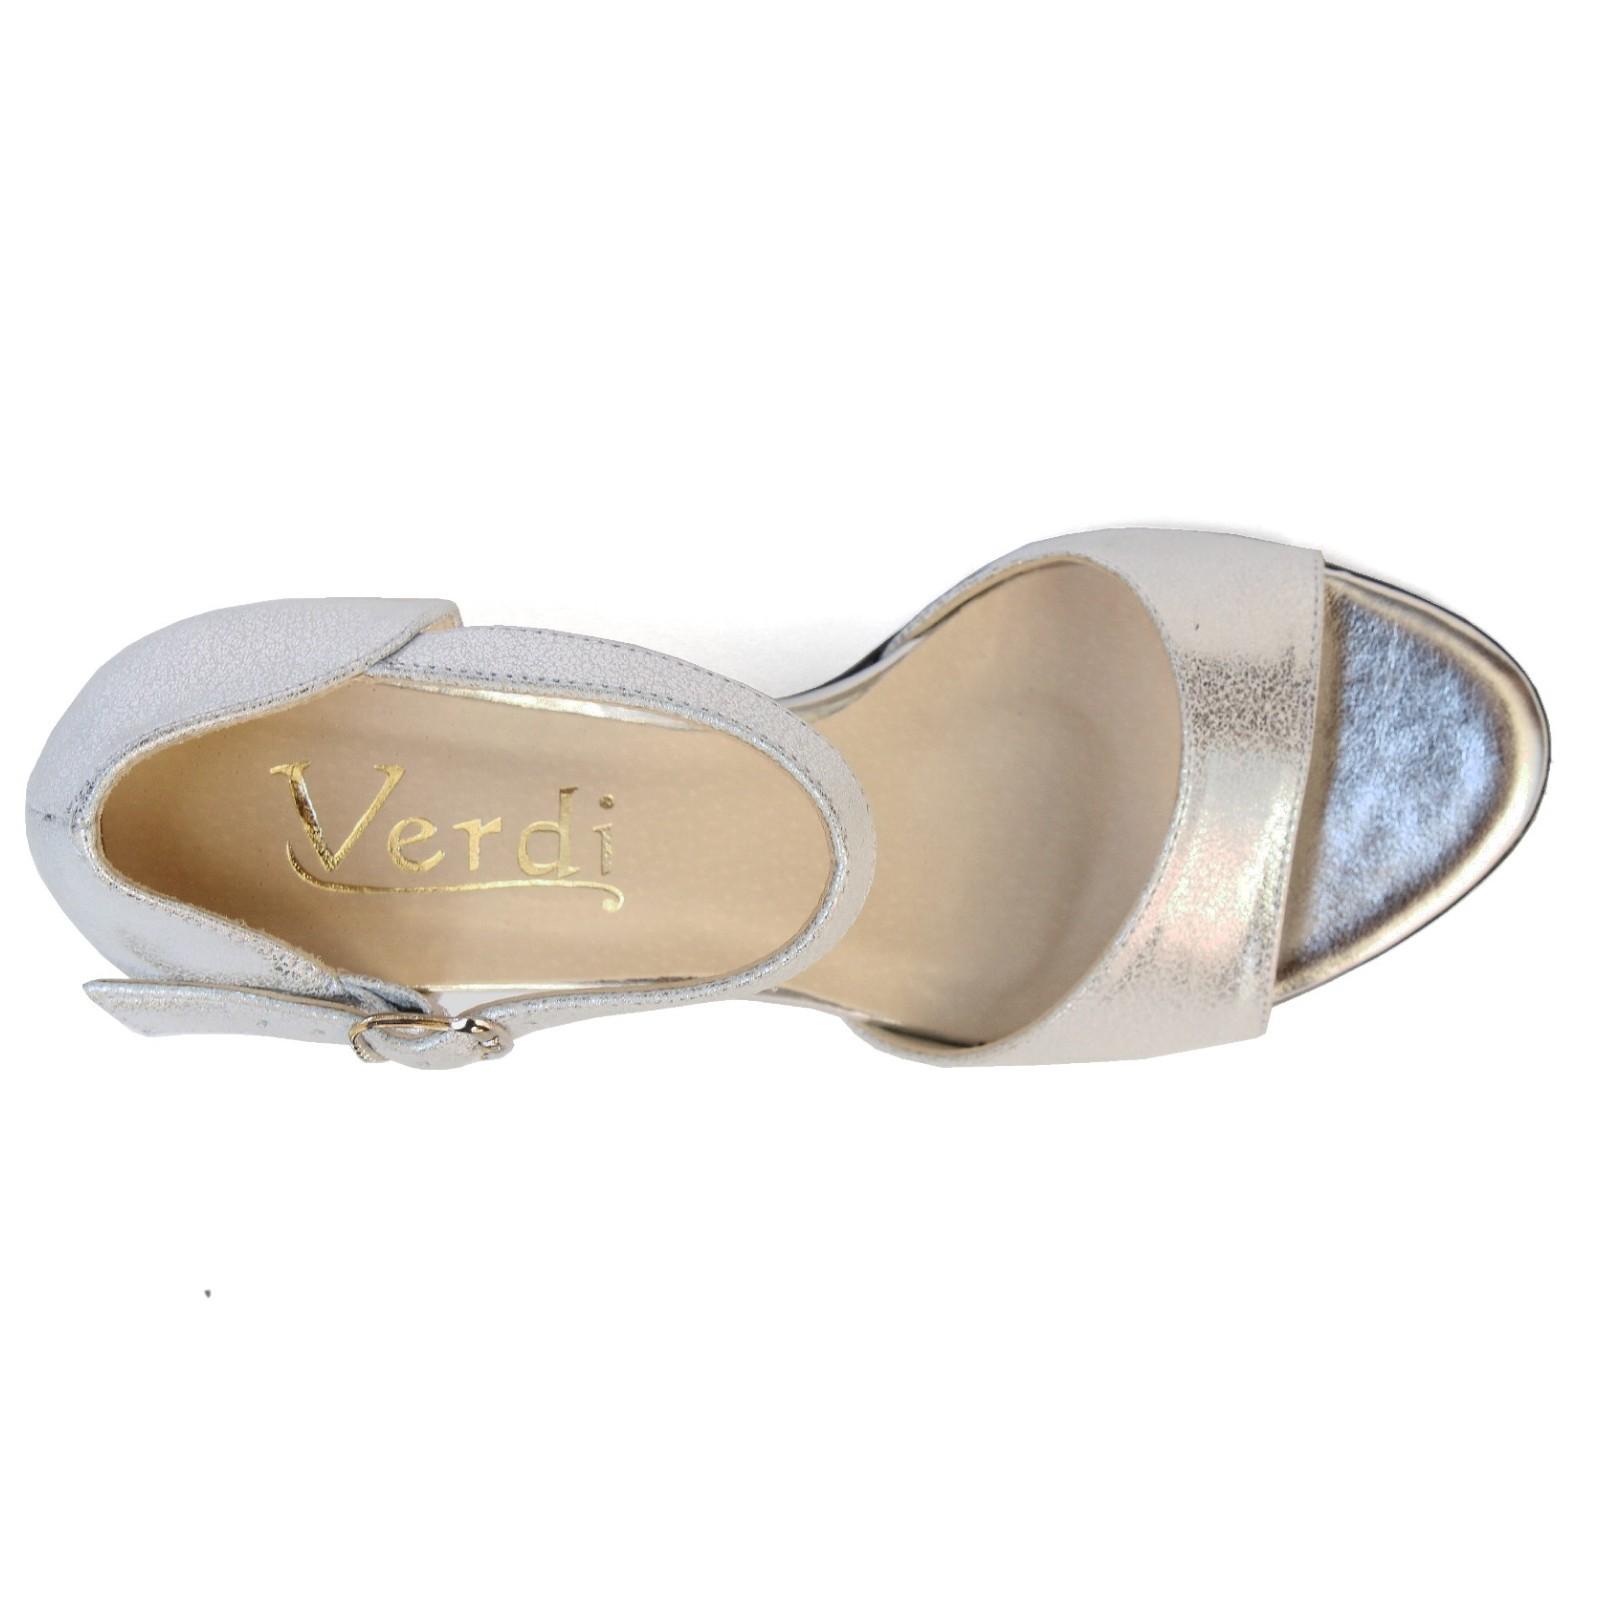 04135 Verdi női magas sarkú szandál V209 Női szandál